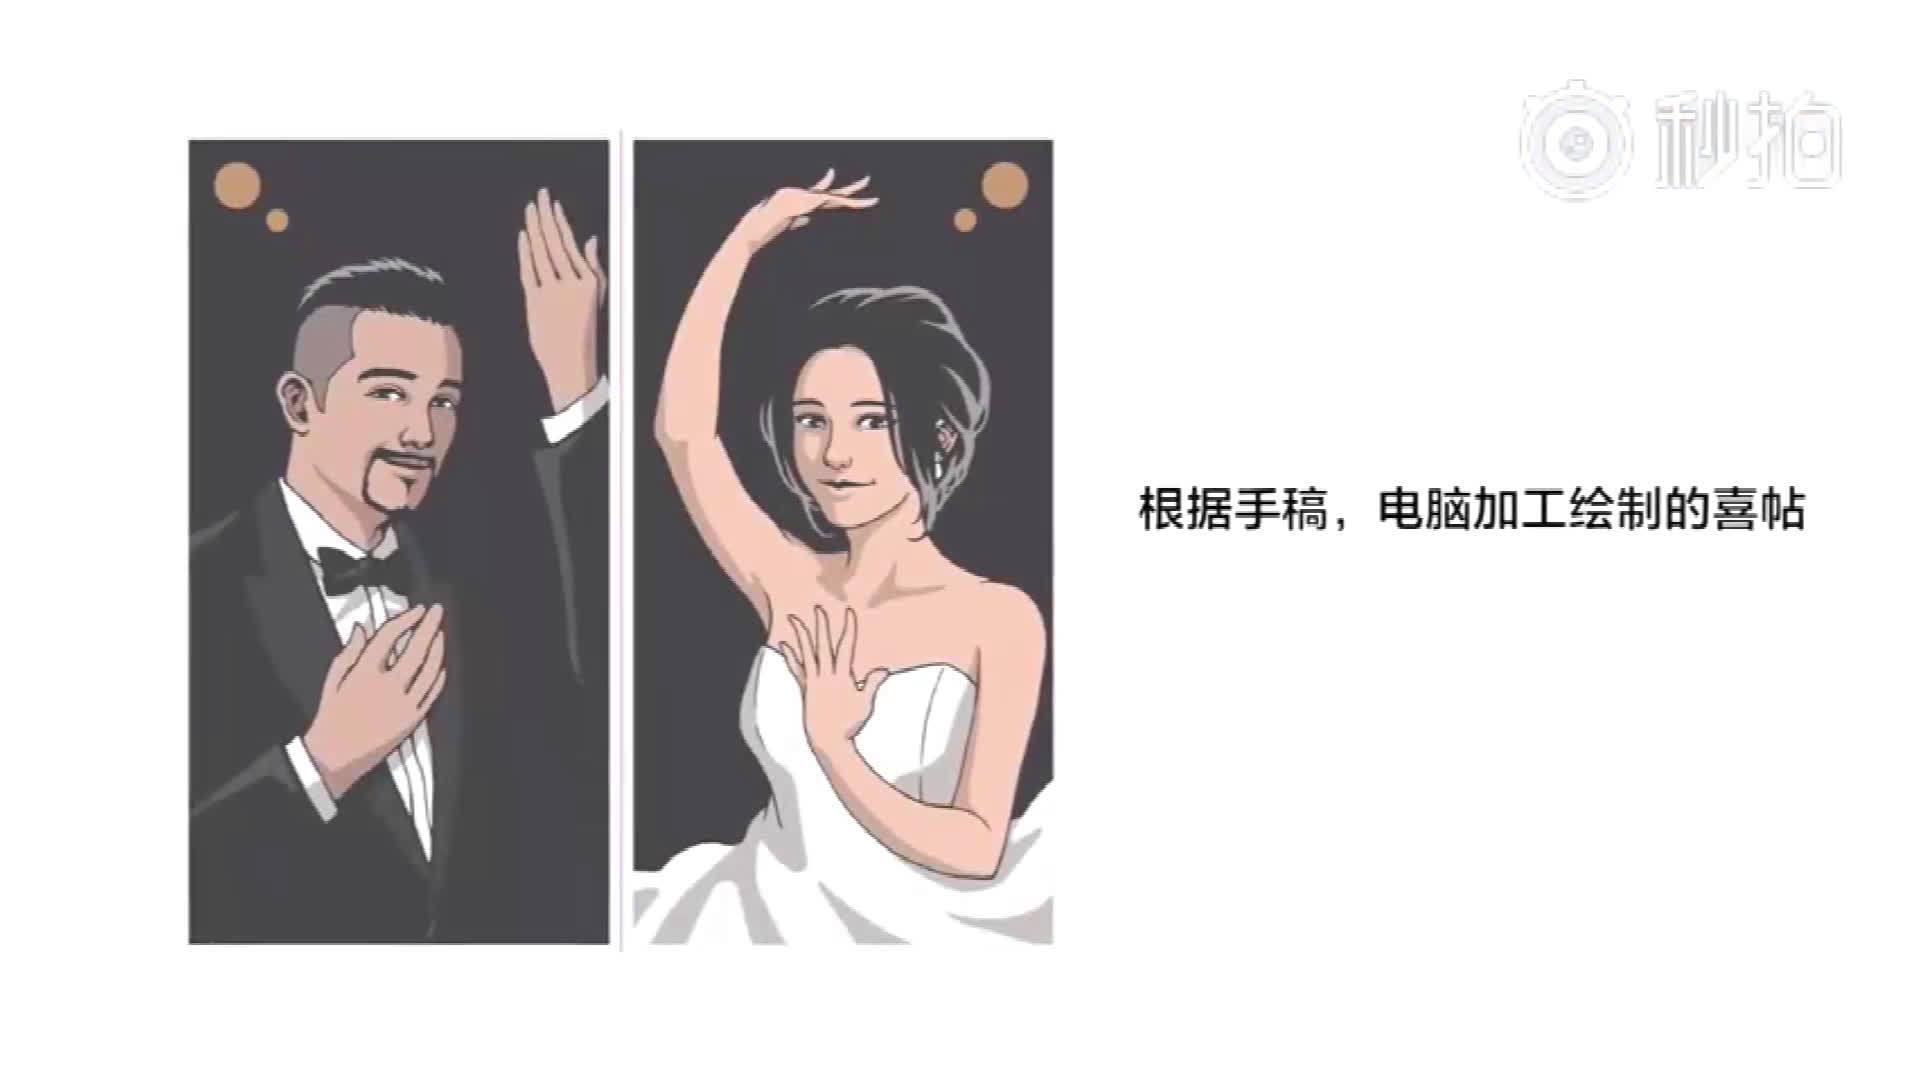 手绘婚礼请柬、把牙刷送到床上、生气时温柔安慰、说情话……